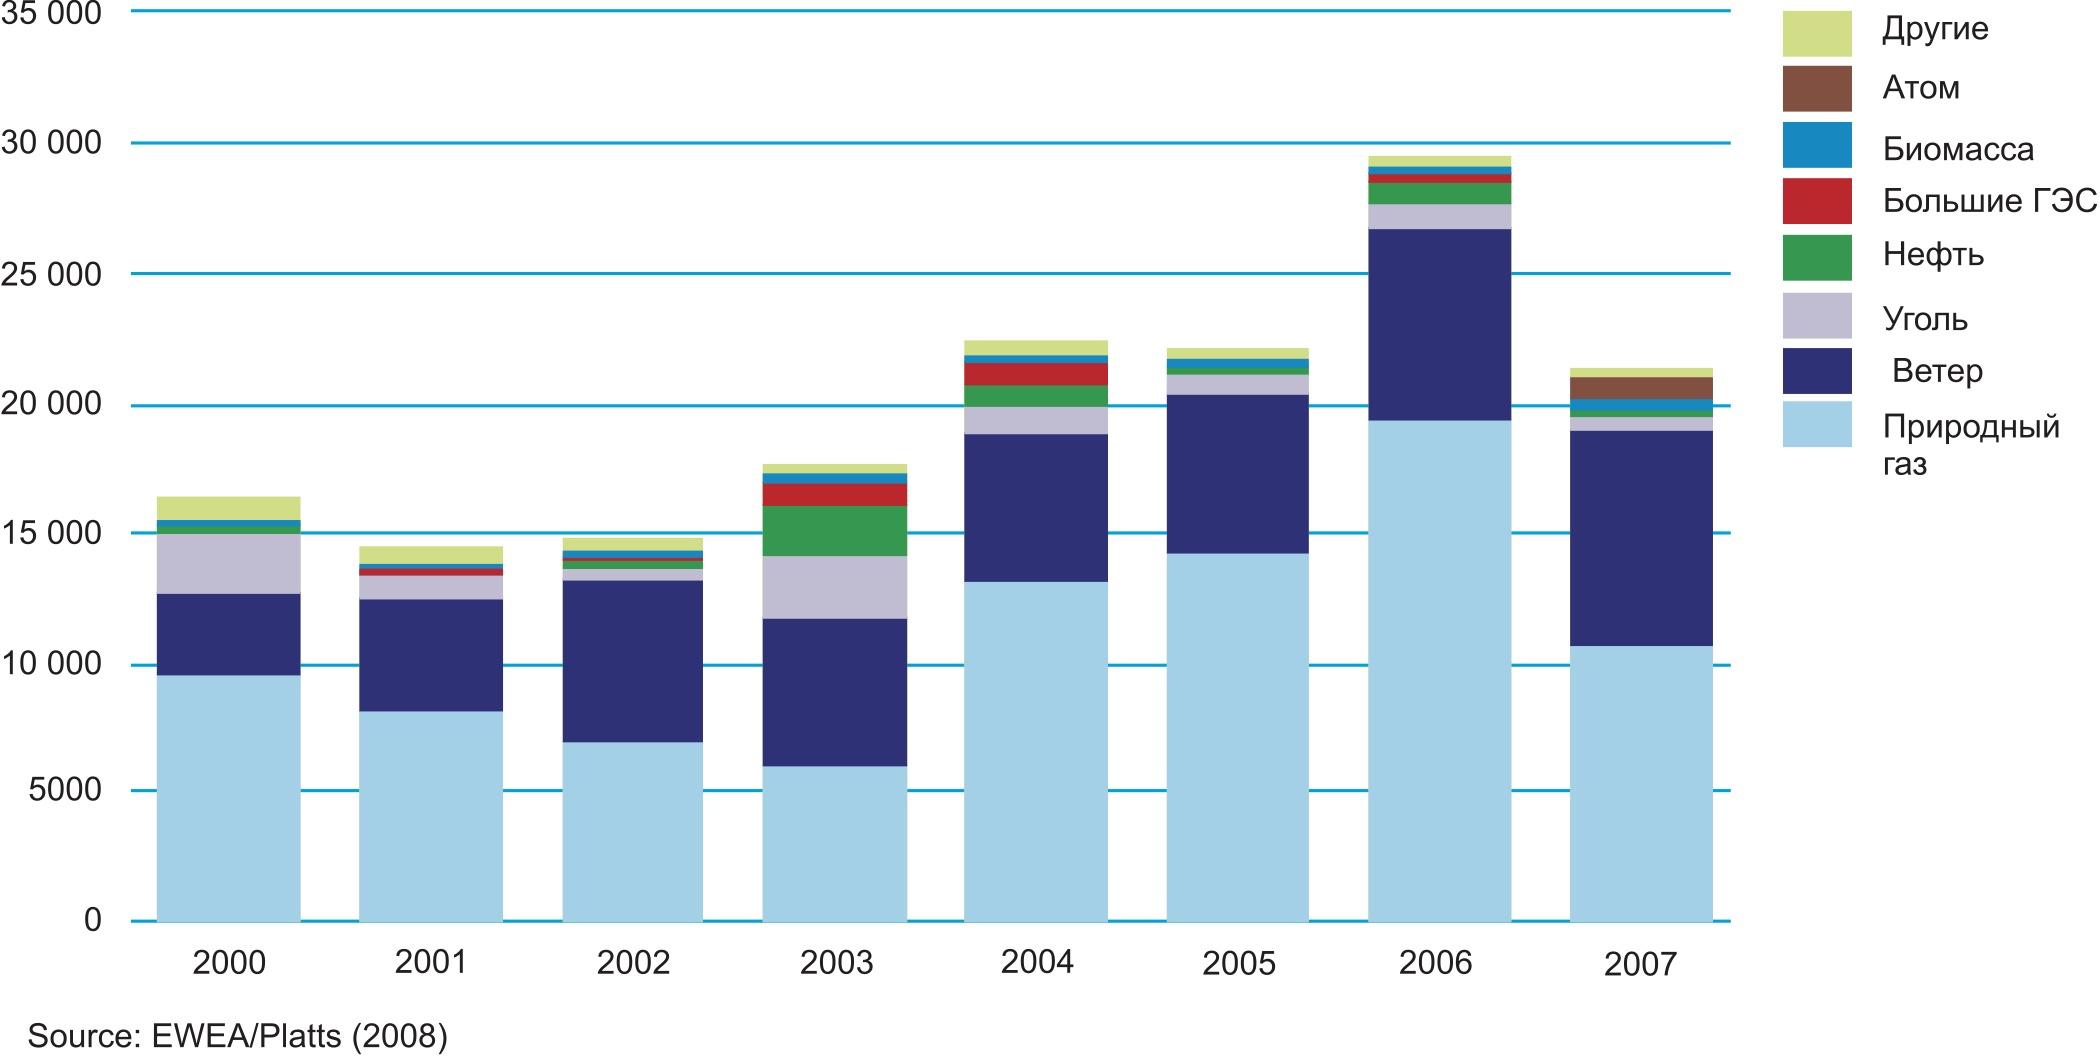 Новые энергетические мощности ЕС в 2000–2007 гг. (МВт)